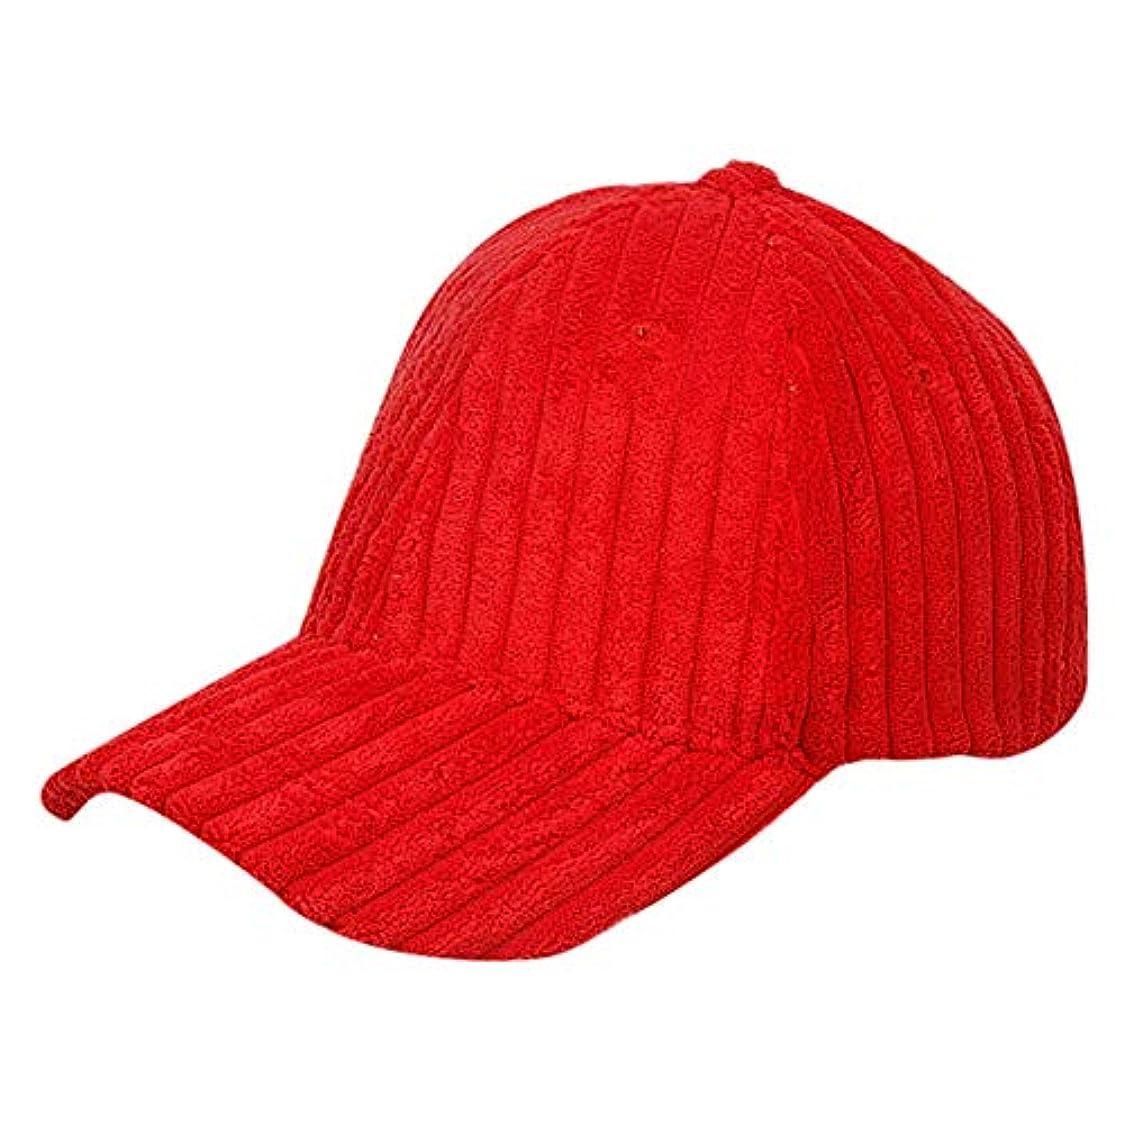 君主大工したいRacazing Cap コーデュロイ 野球帽 迷彩 冬 登山 通気性のある メッシュ 帽子 ベルクロ 可調整可能 ストライプ 刺繍 棒球帽 UV 帽子 軽量 屋外 Unisex Hat (赤)